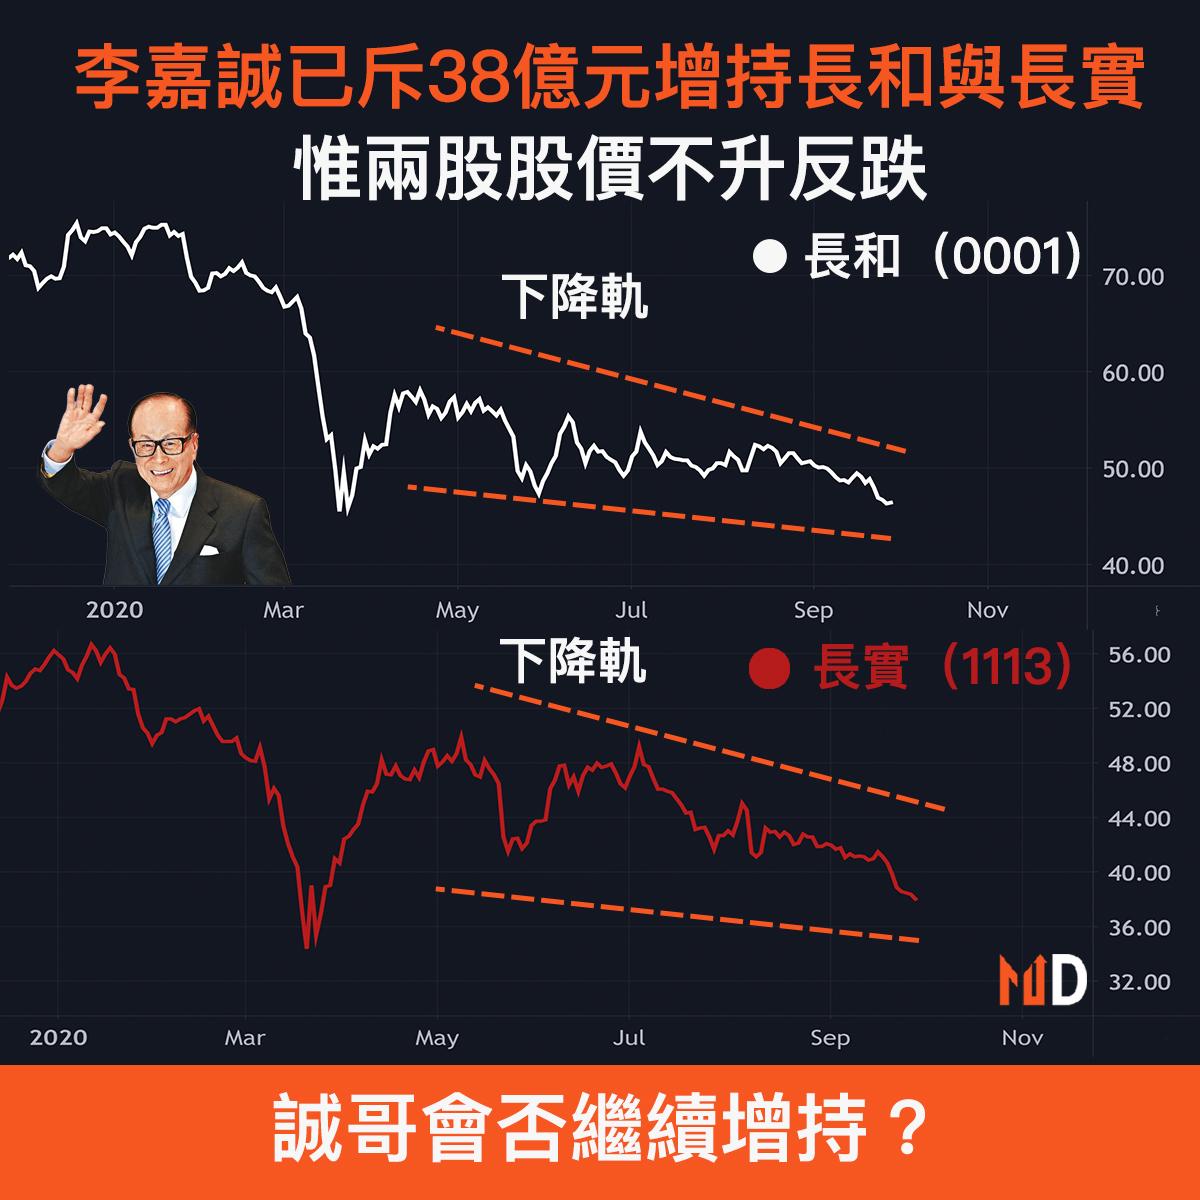 【誠哥增持】李嘉誠已斥38億元增持長和與長實,惟兩股股價不升反跌